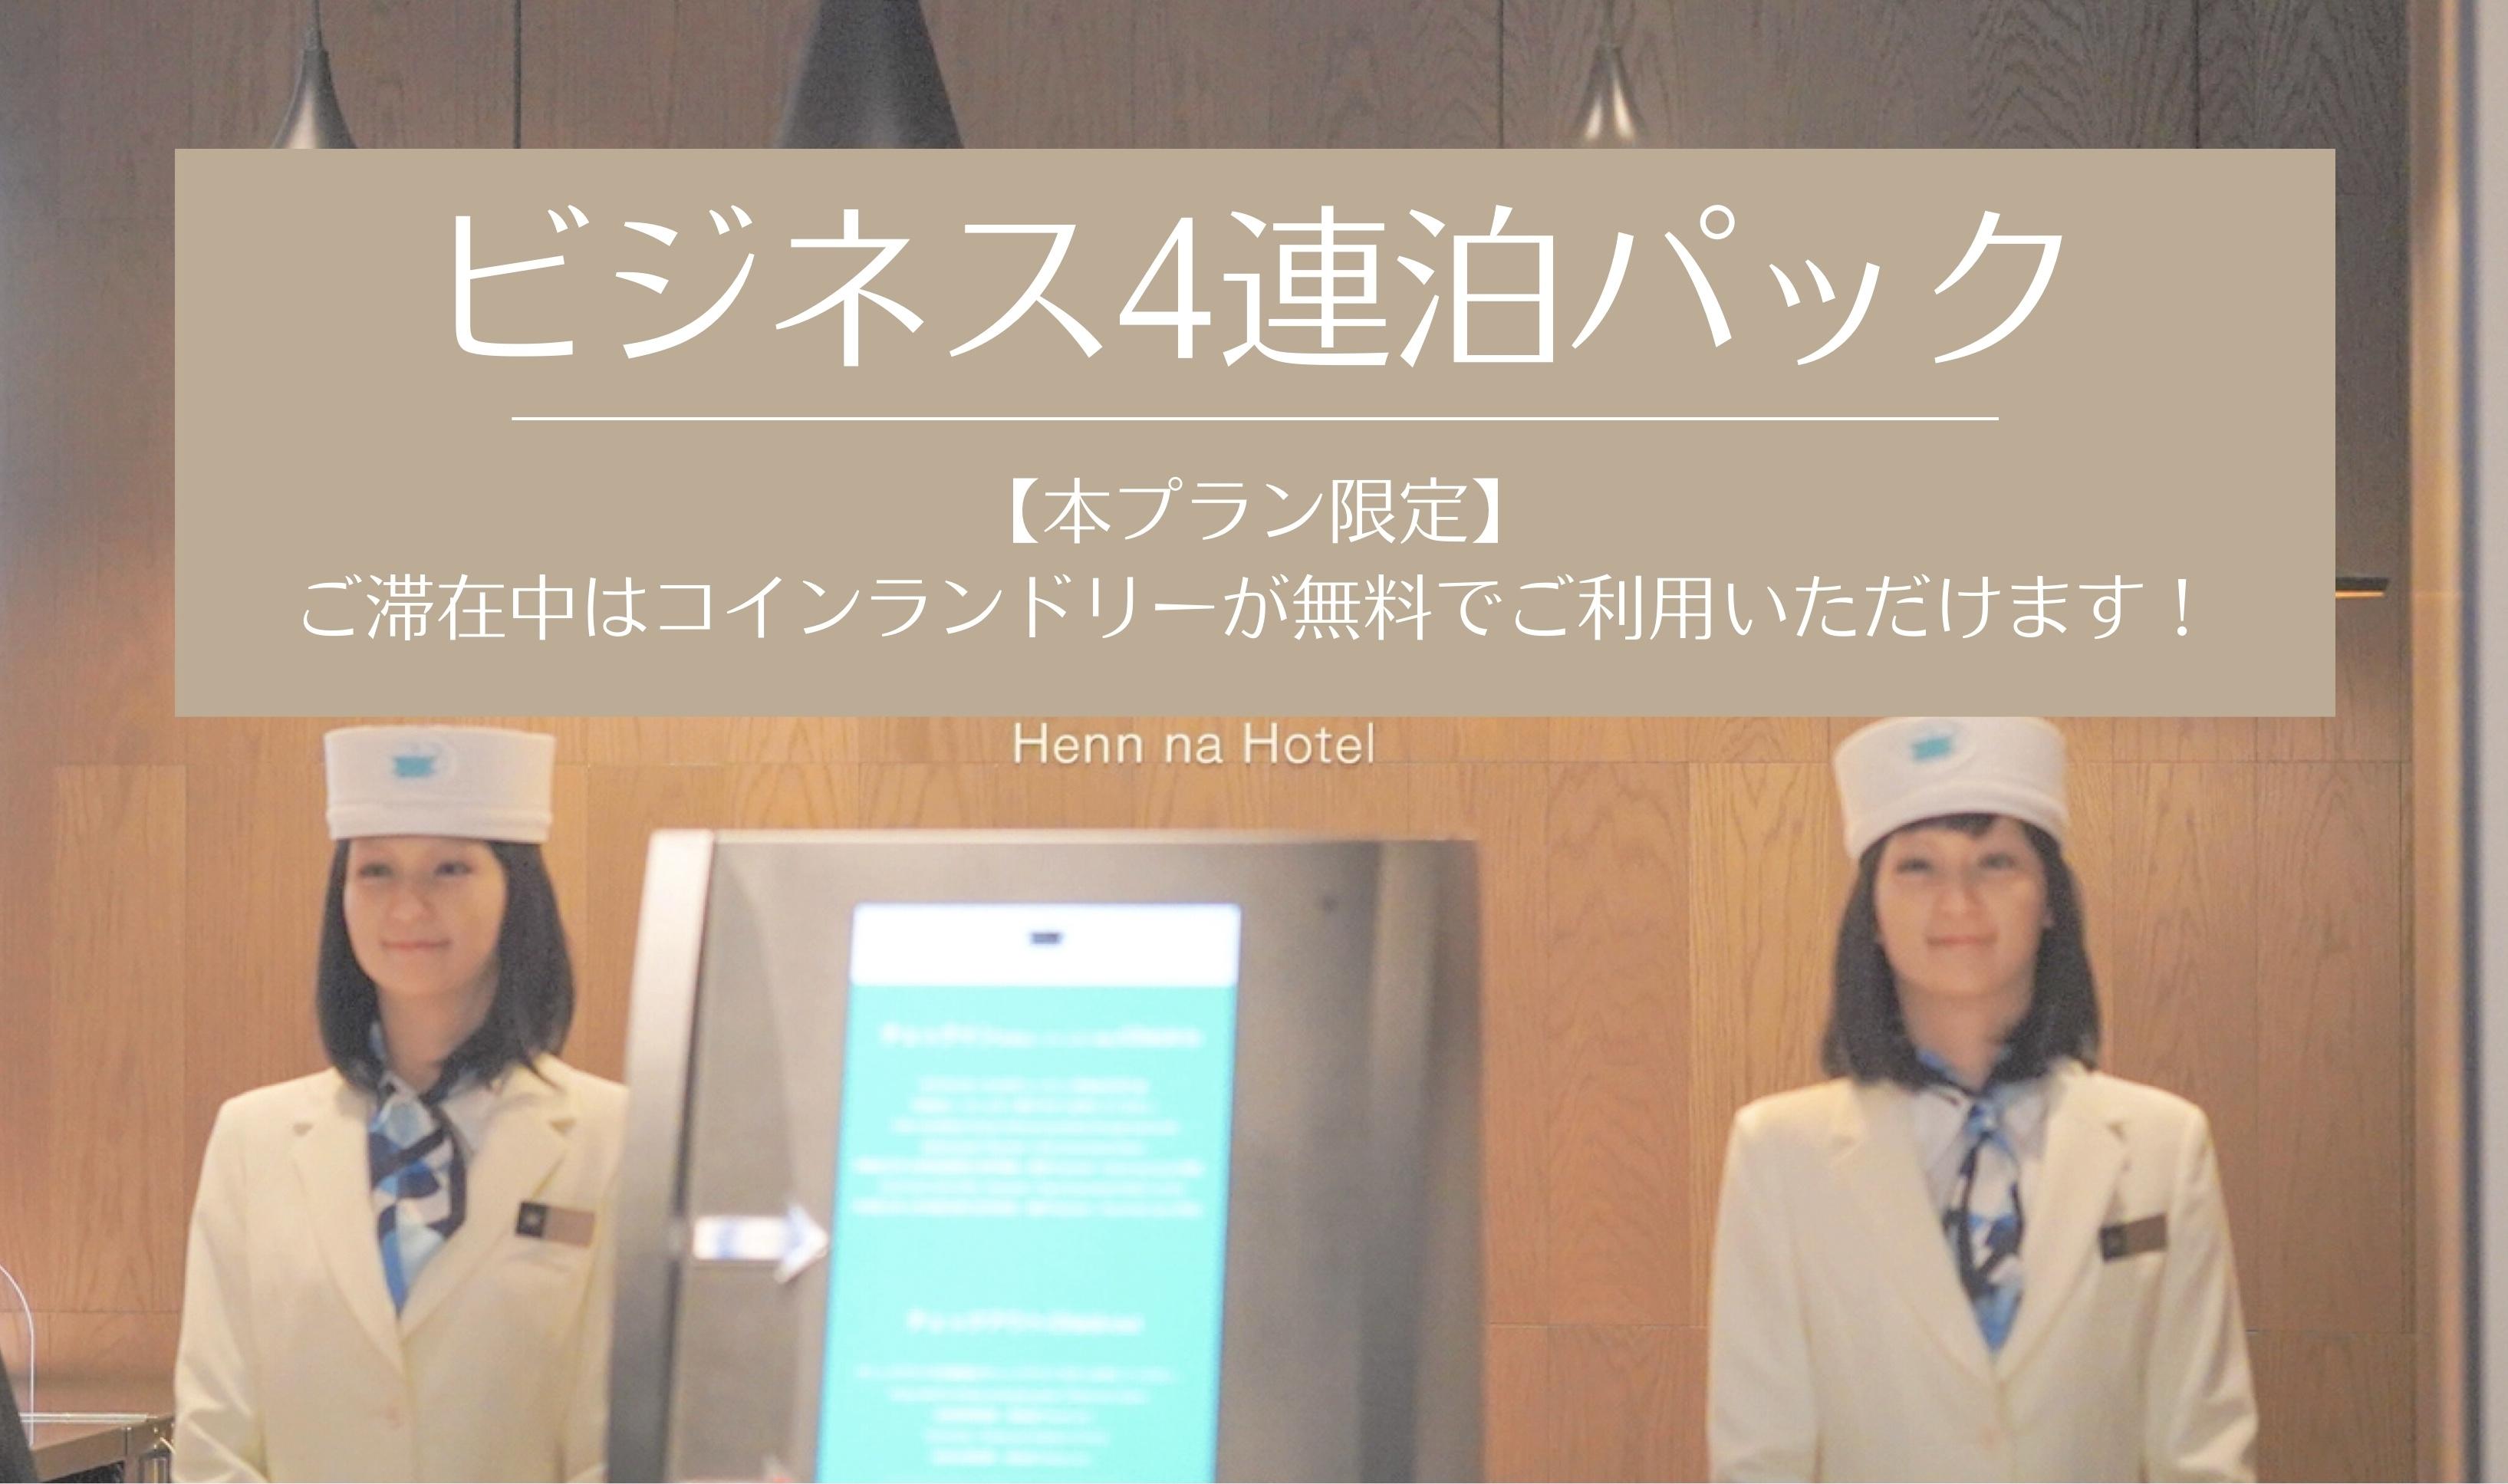 【4連泊♪ビジネスパック】感染リスクも軽減!お仕事でホテル滞在するならこのプランがお得!